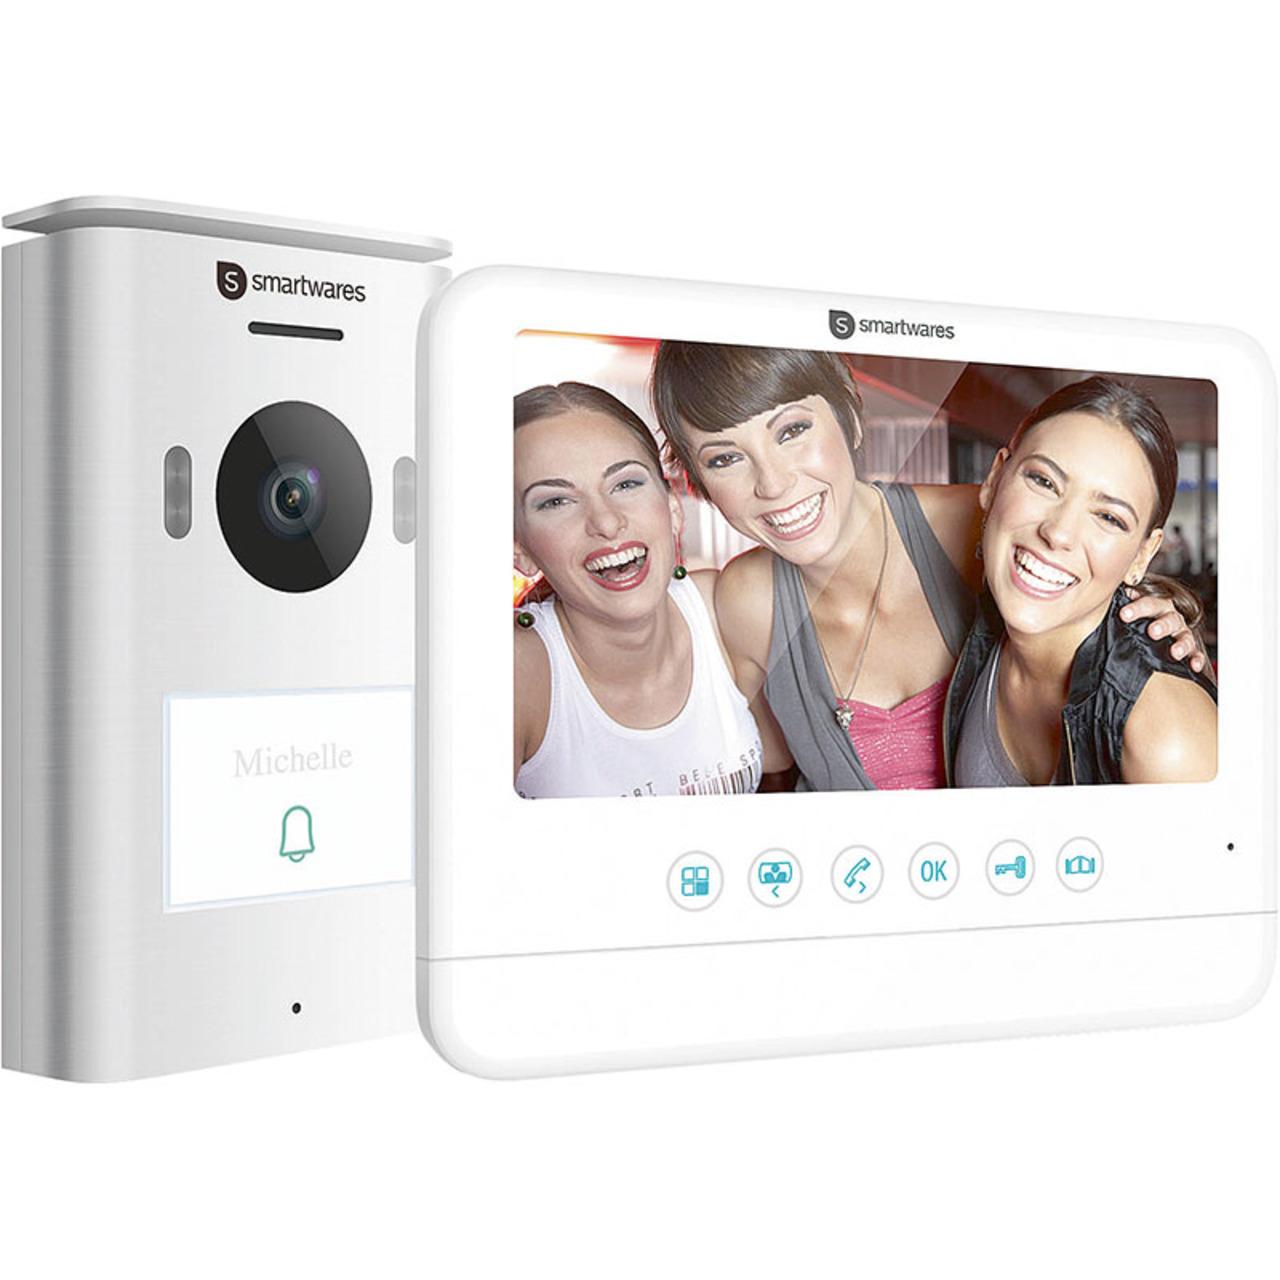 Smartwares 2-Draht-Video-Türsprechanlage für 1-Familienhaus mit 17-78-cm-Bildschirm